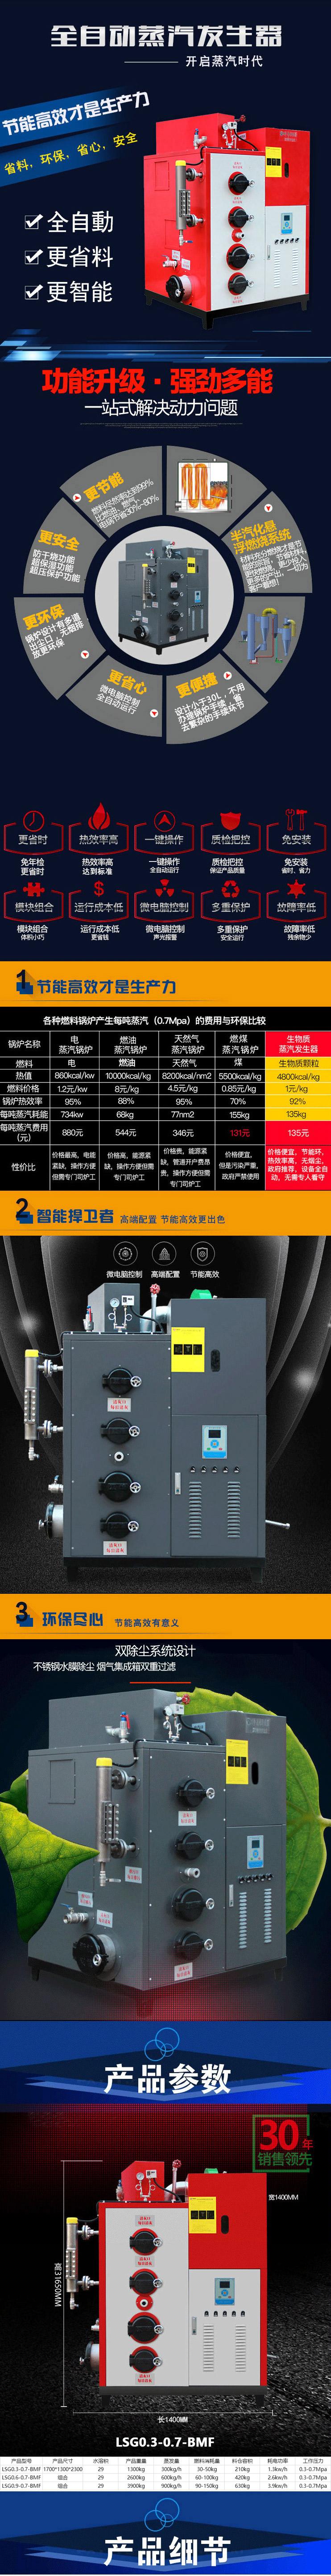 蒸汽发生器_150公斤蒸汽发生器-生物质蒸汽发生器-环保蒸汽1 (2).jpg